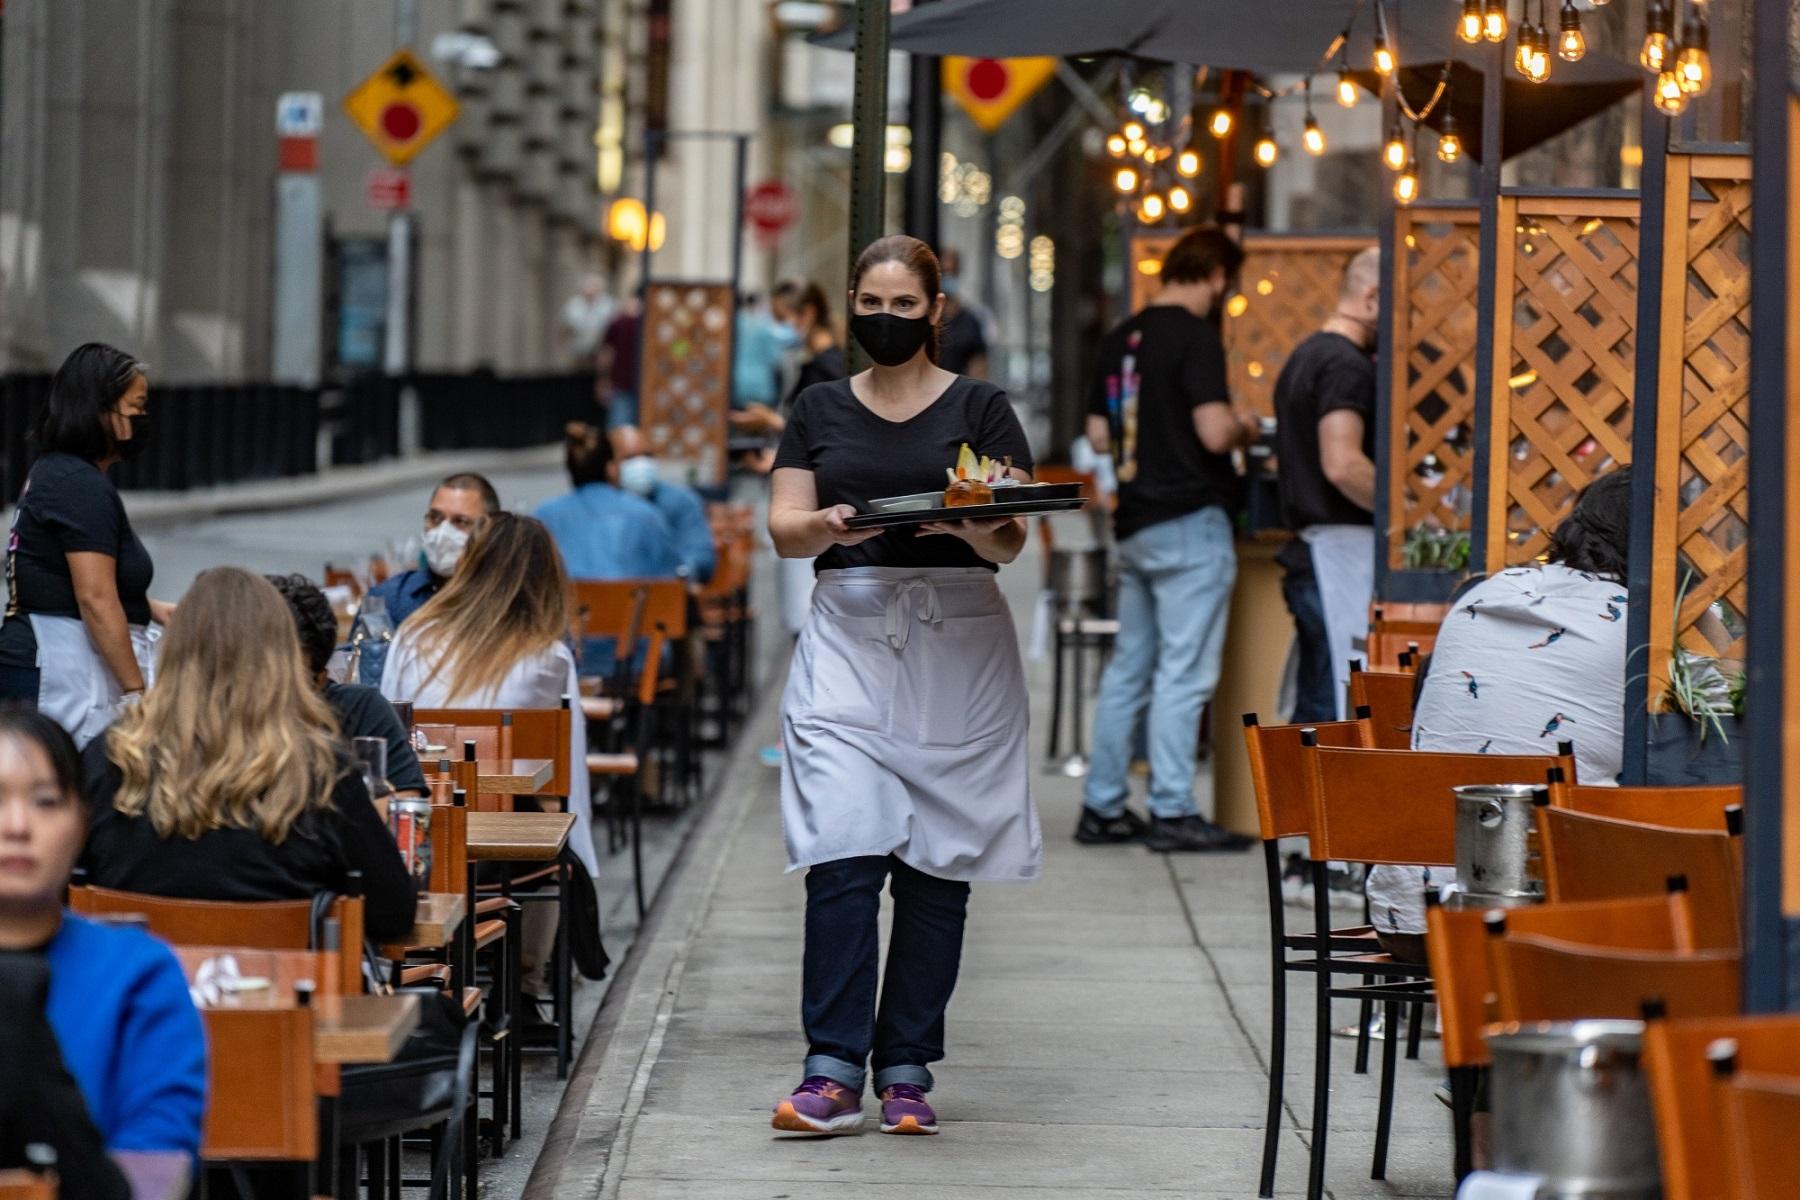 """Εστιατόρια Βοστώνη: """"Δίλημμα εργατικού δυναμικού μετά την άρση του lockdown"""", λέει ιδιοκτήτης επιχείρησης"""